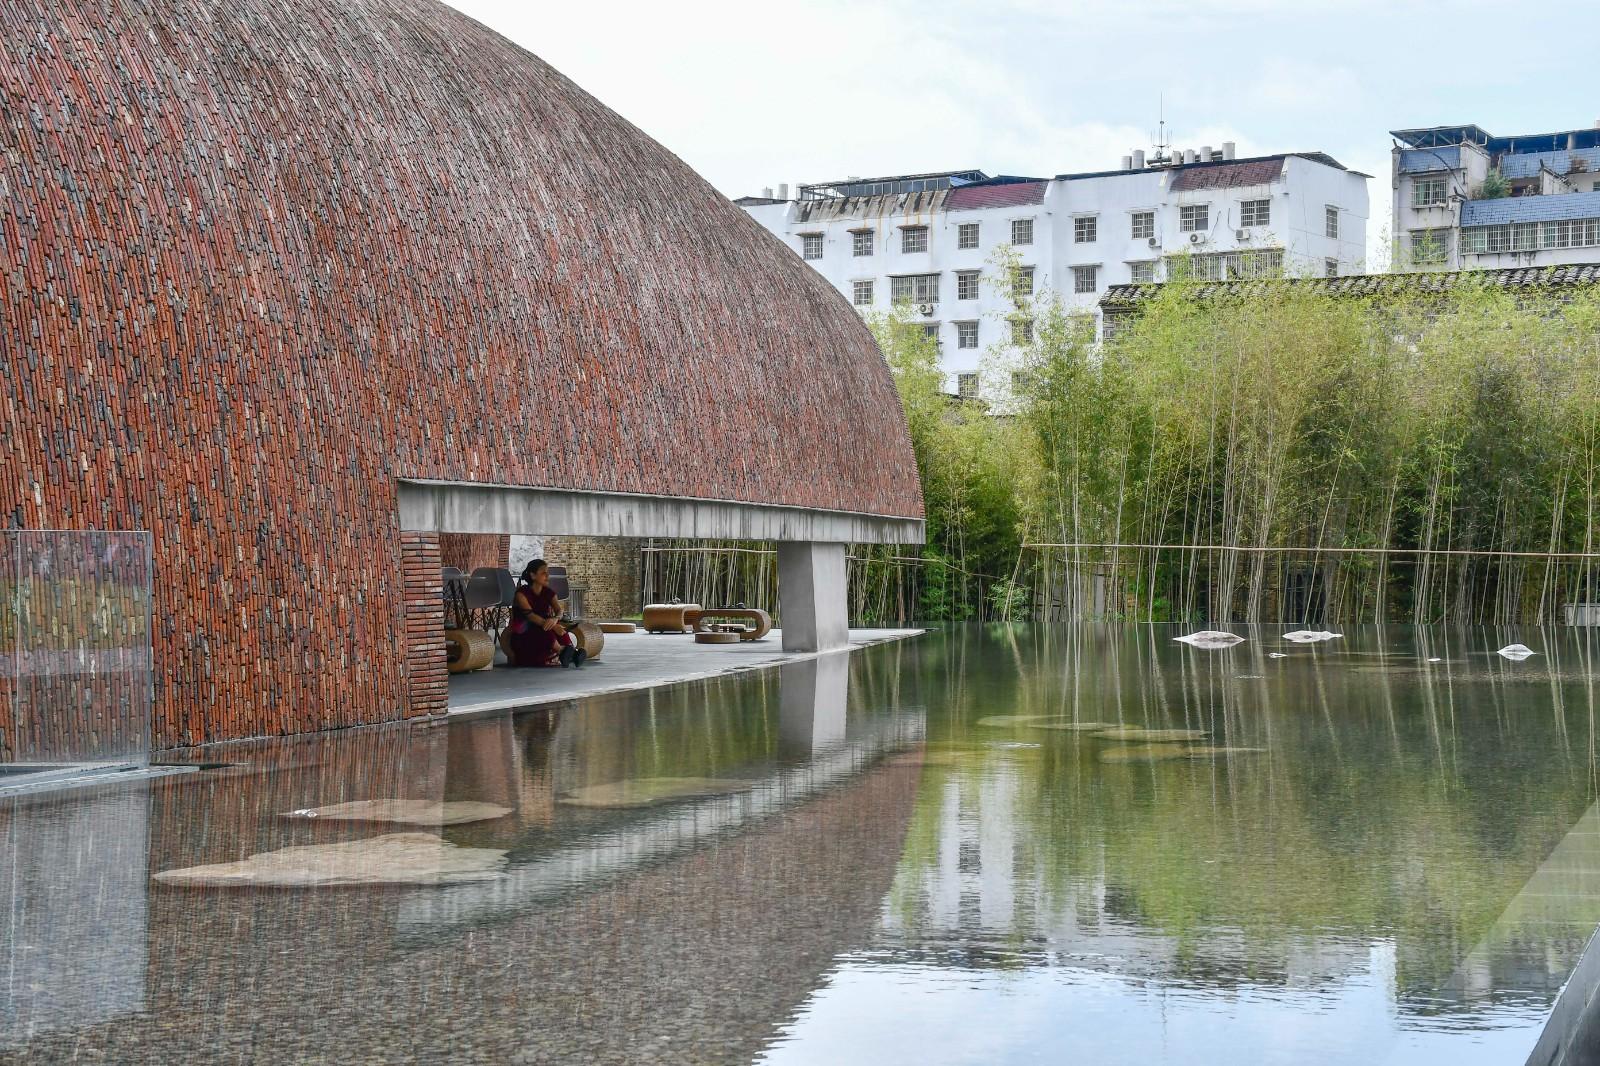 从建筑外观长缝透过水面可见茶室中休憩的人们.jpg